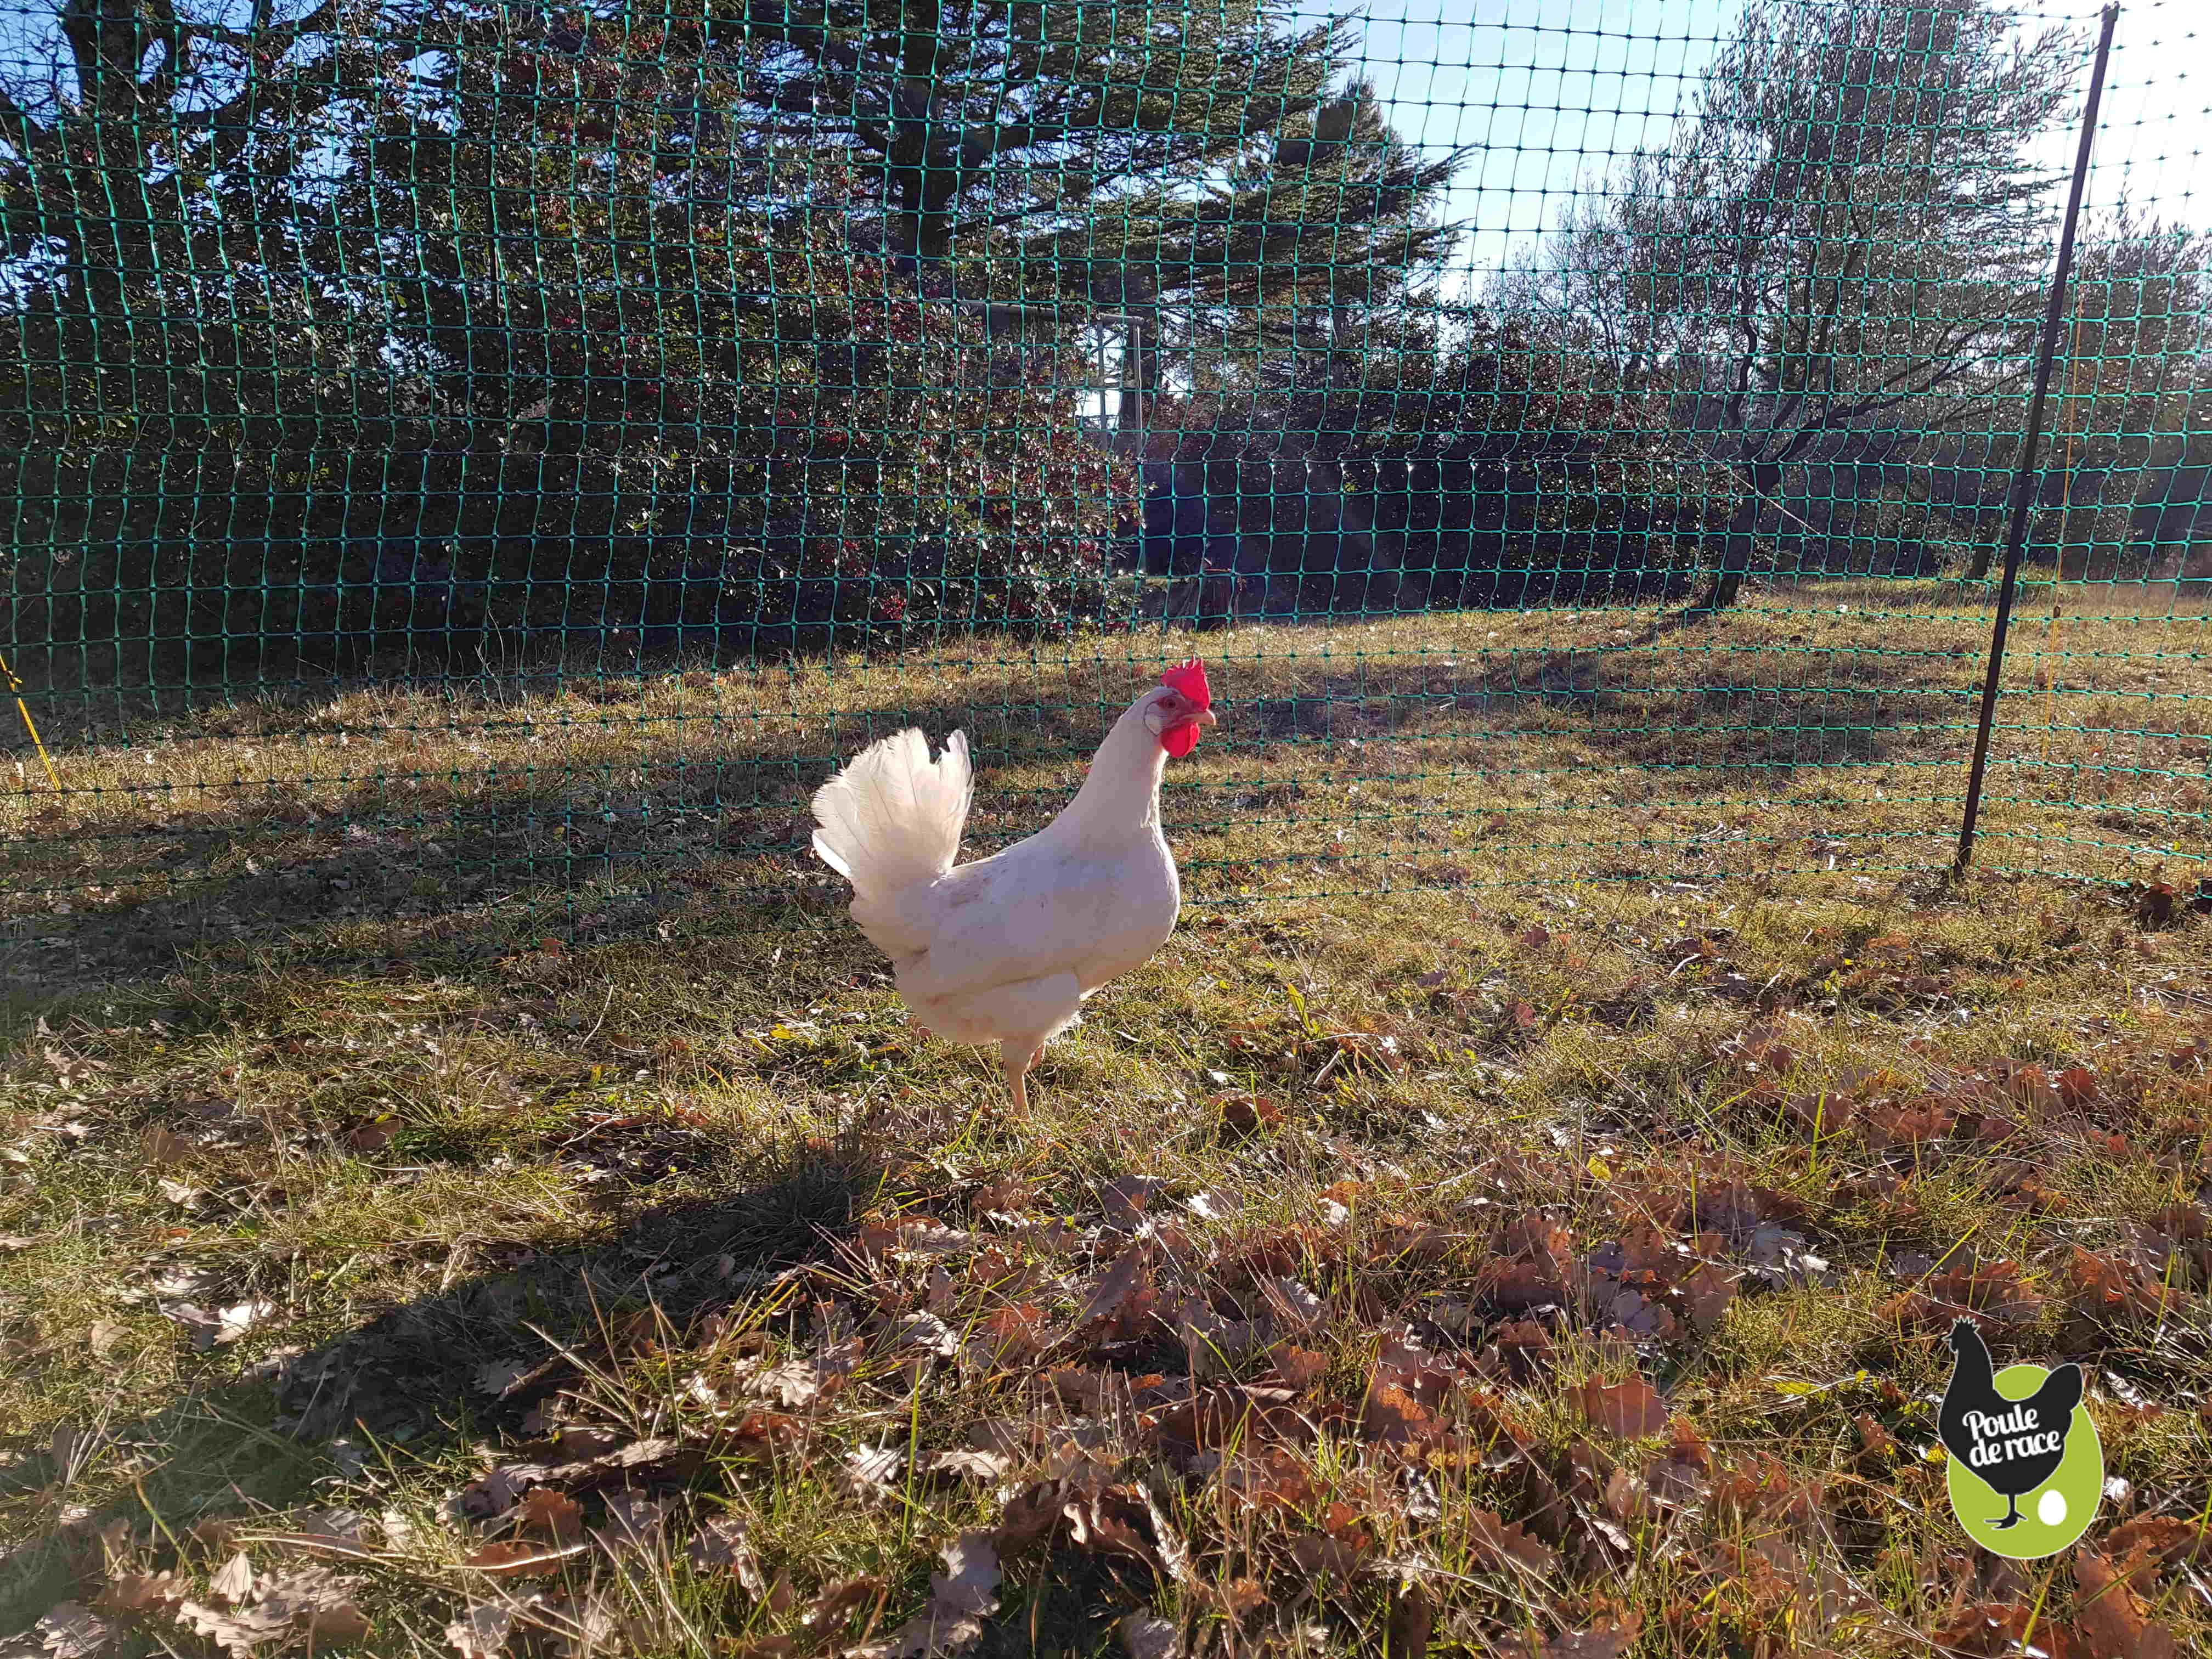 le filet permet de faire profiter les poules d'un parc herbeux